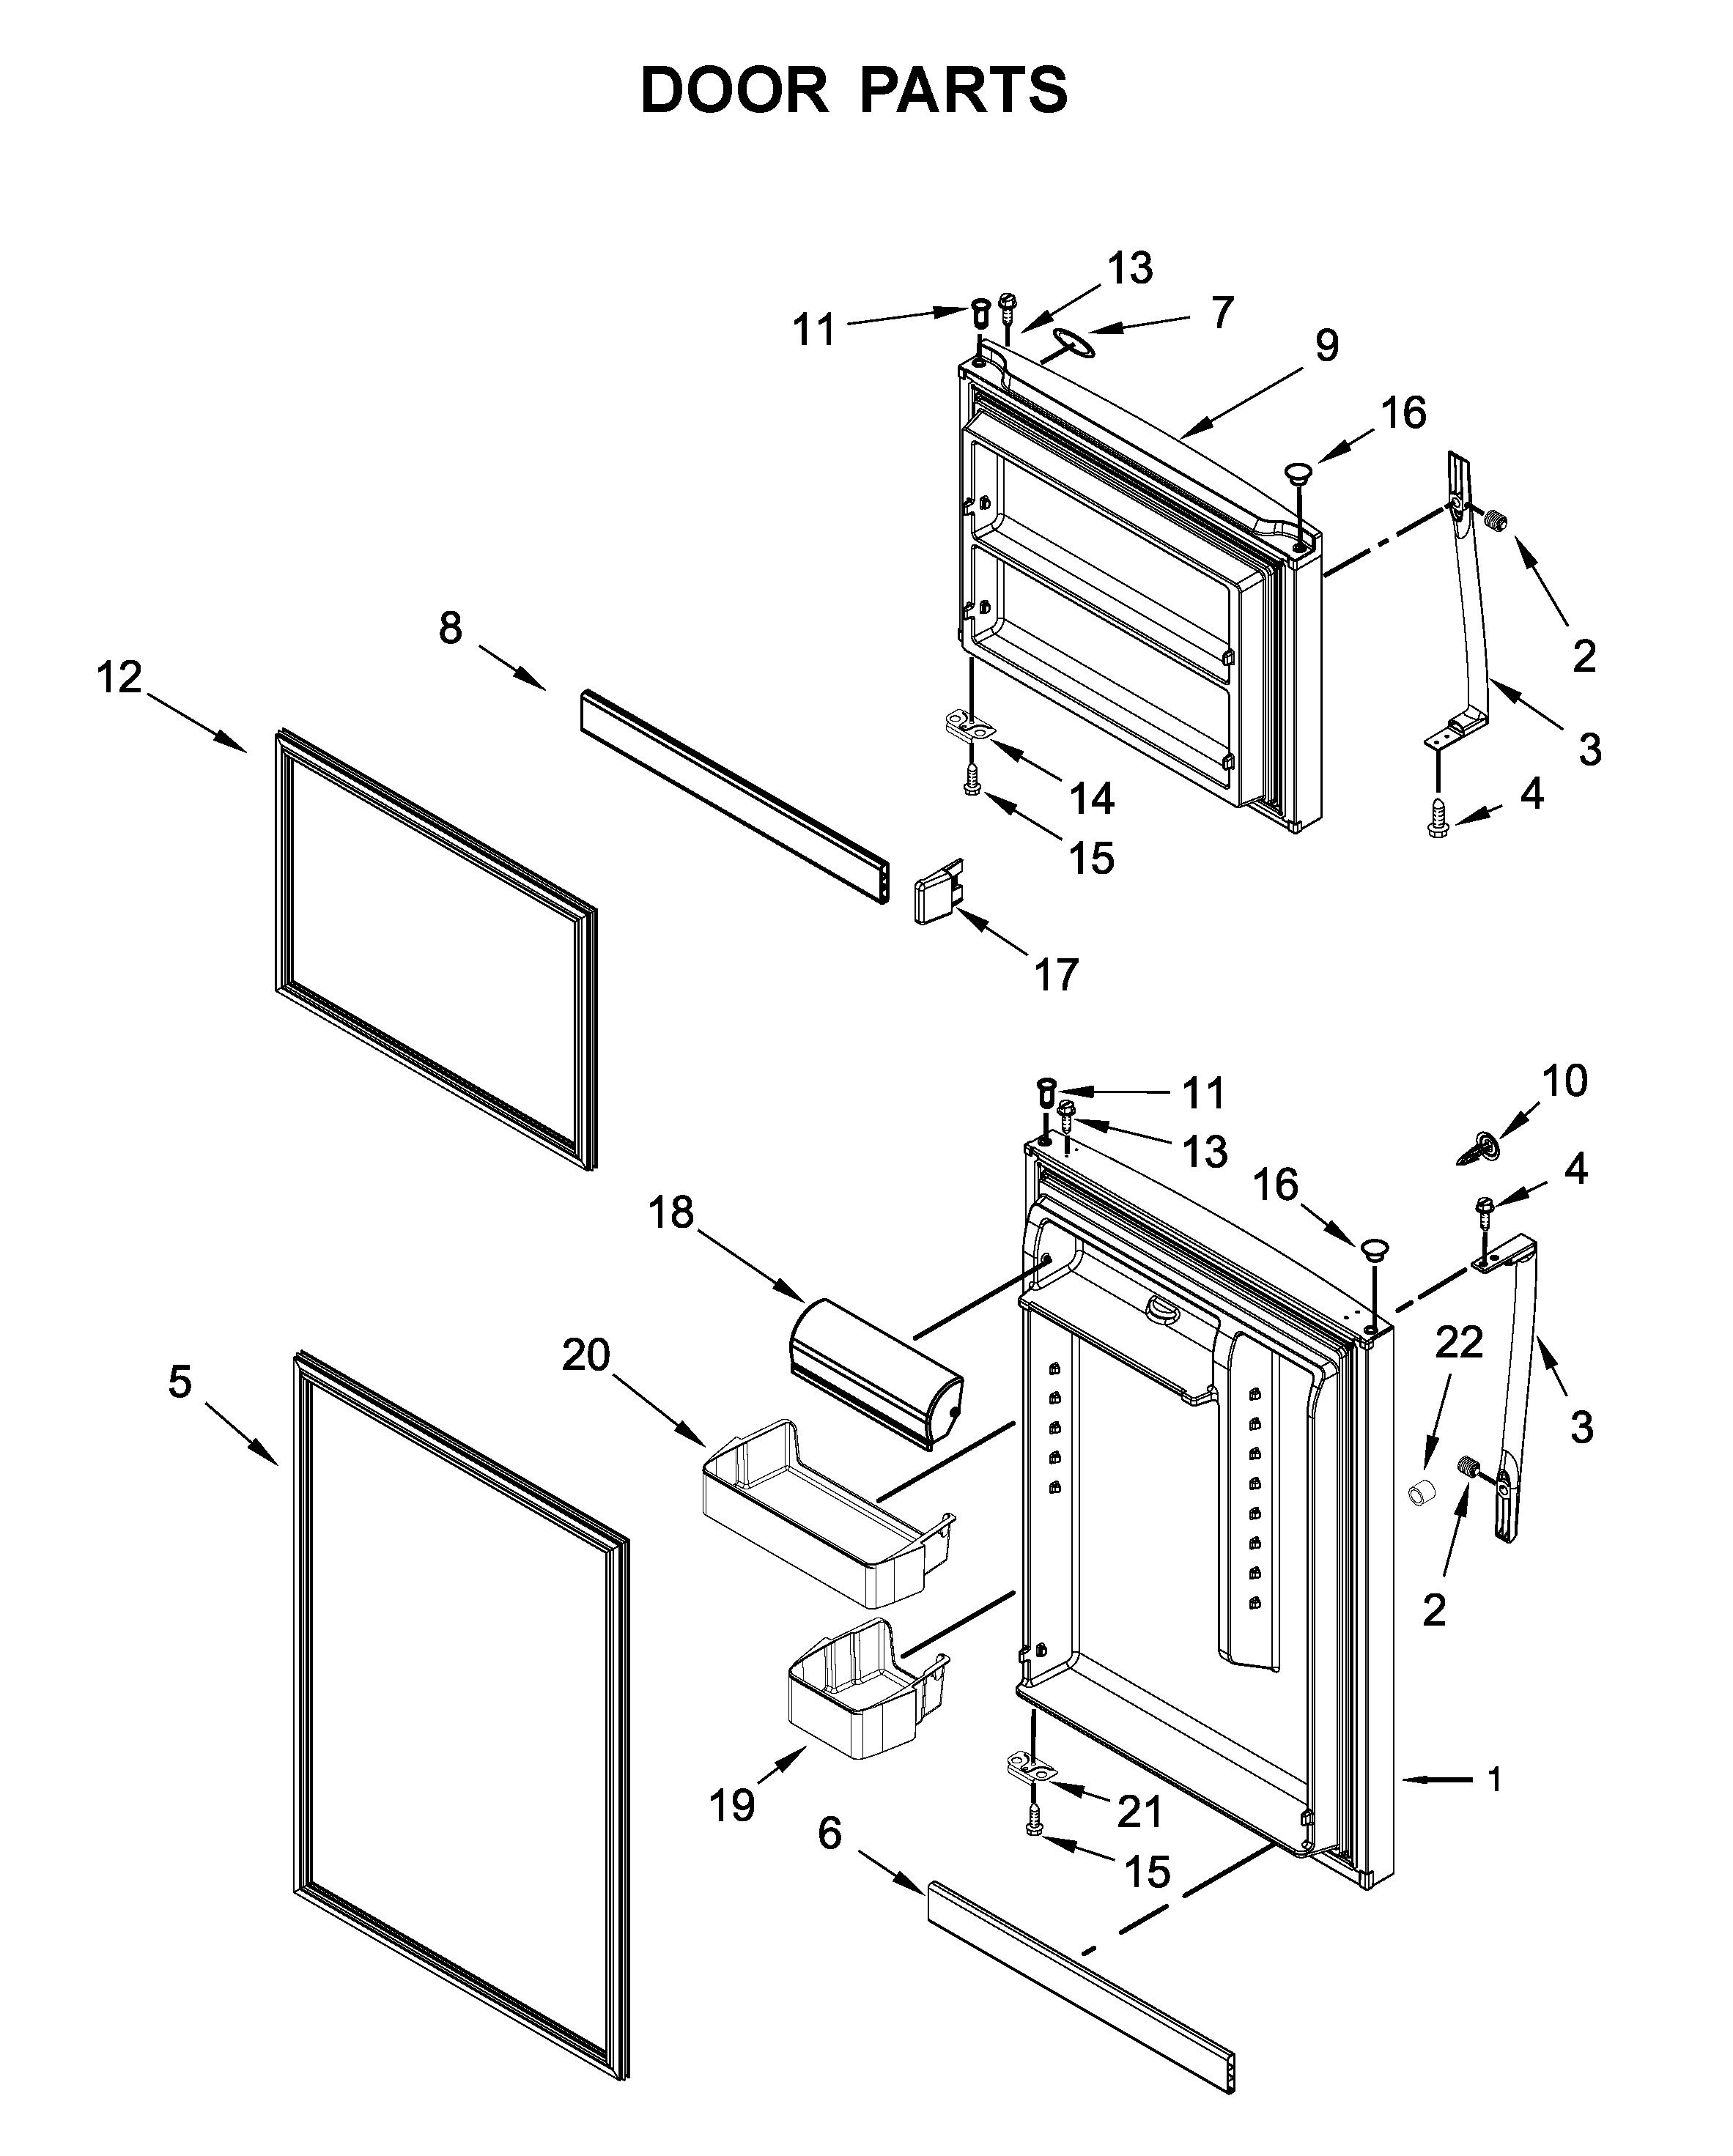 Whirlpool  Refrigerator  Door parts